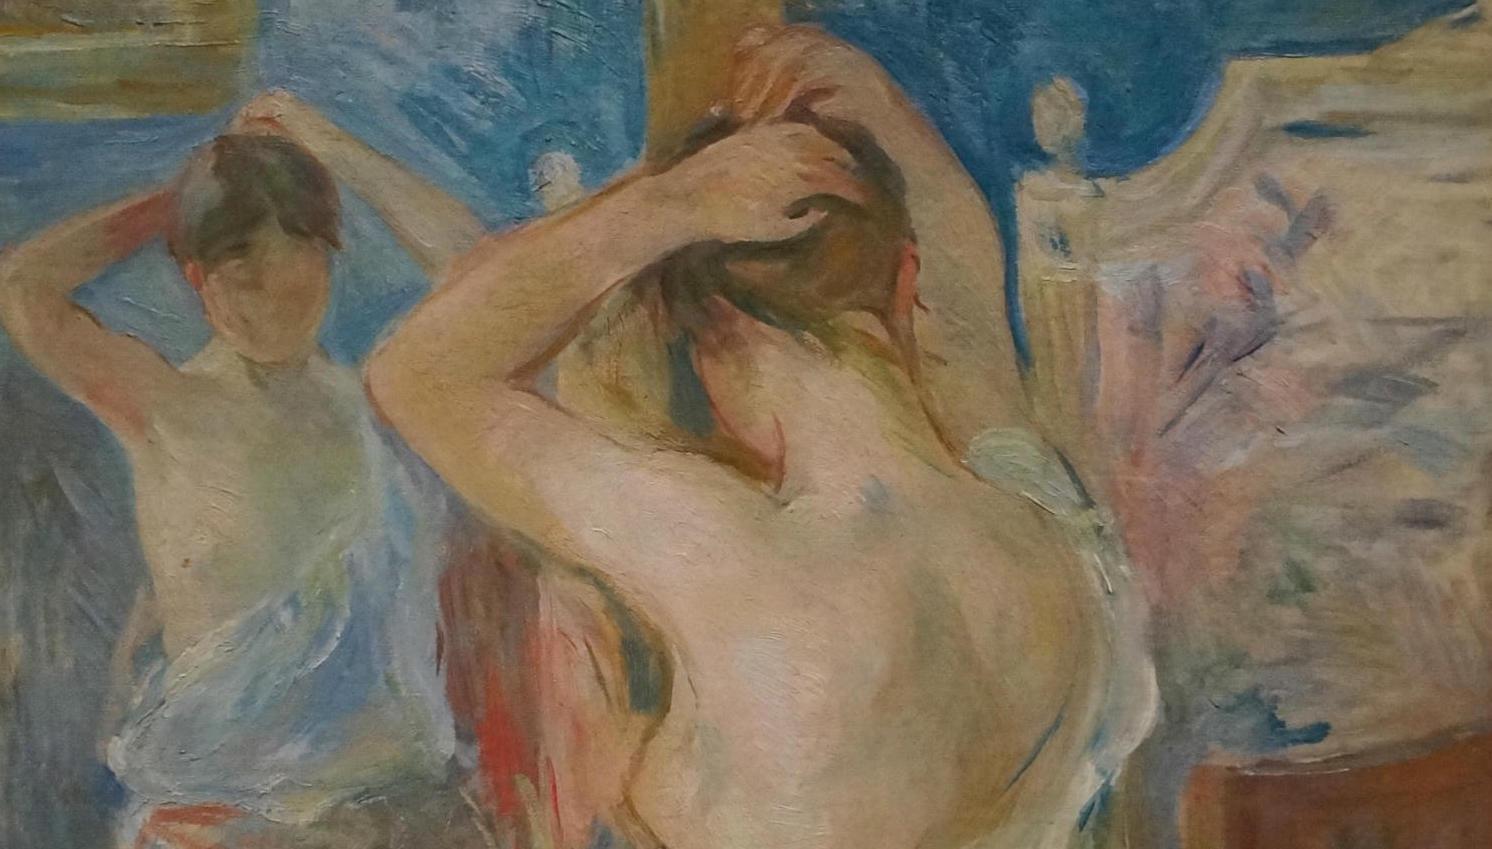 Що змінилося у сценах догляду за собою в живопису XIX століття